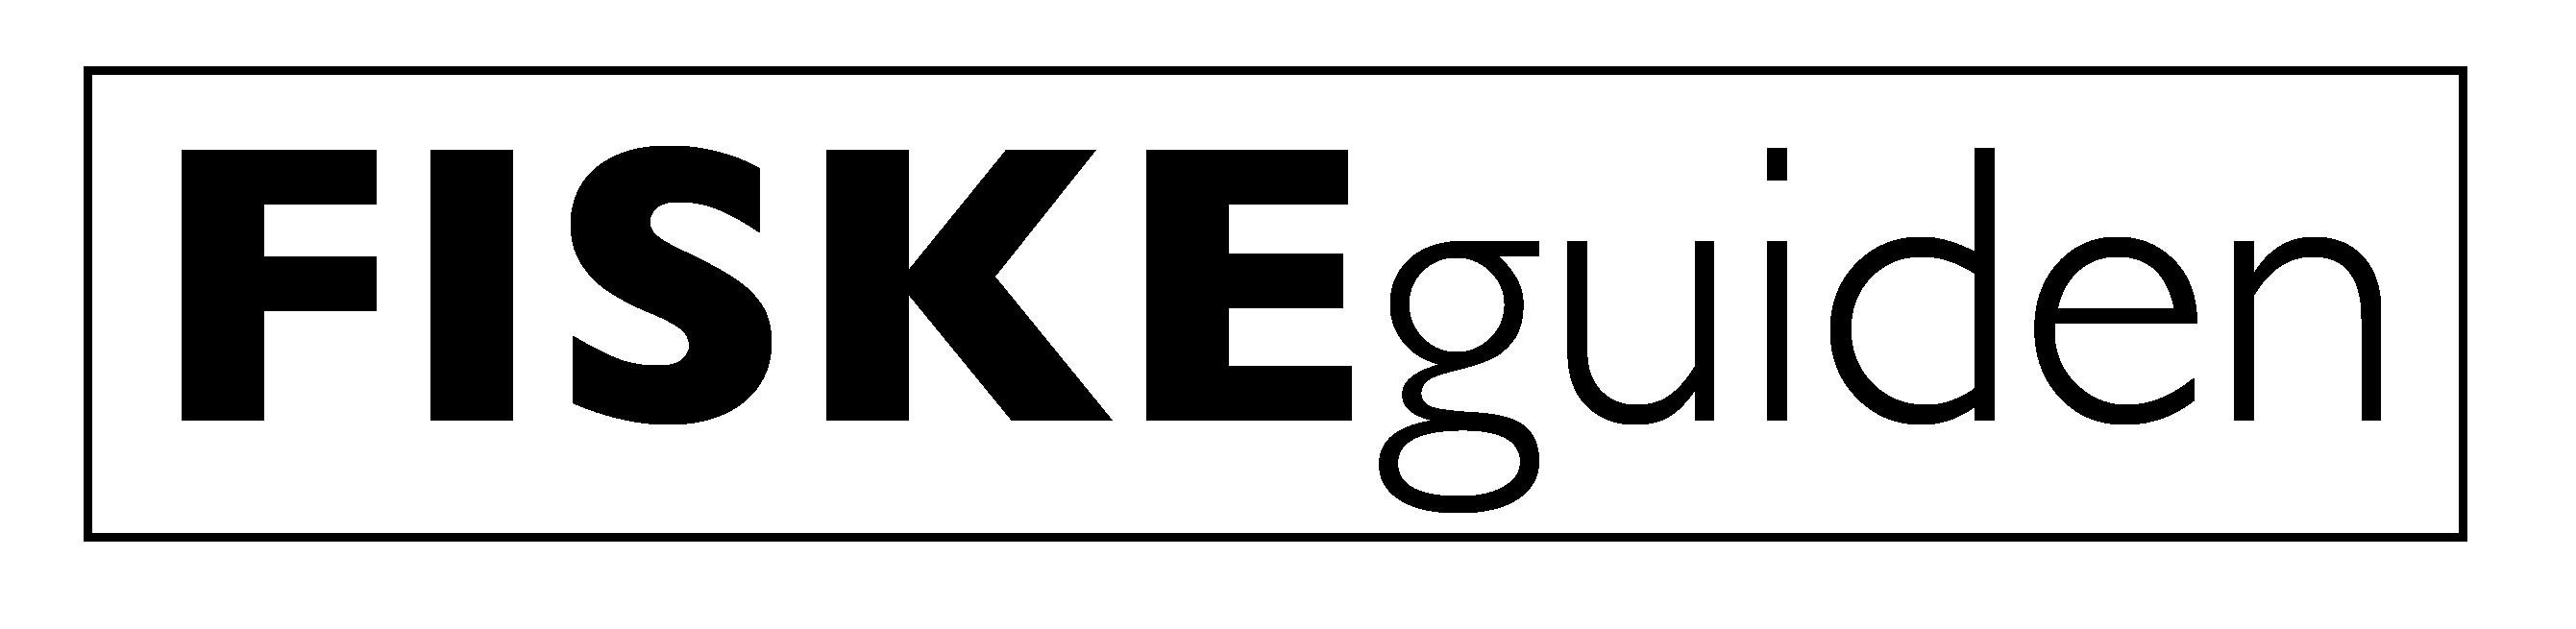 FISKEguiden_logo_sort